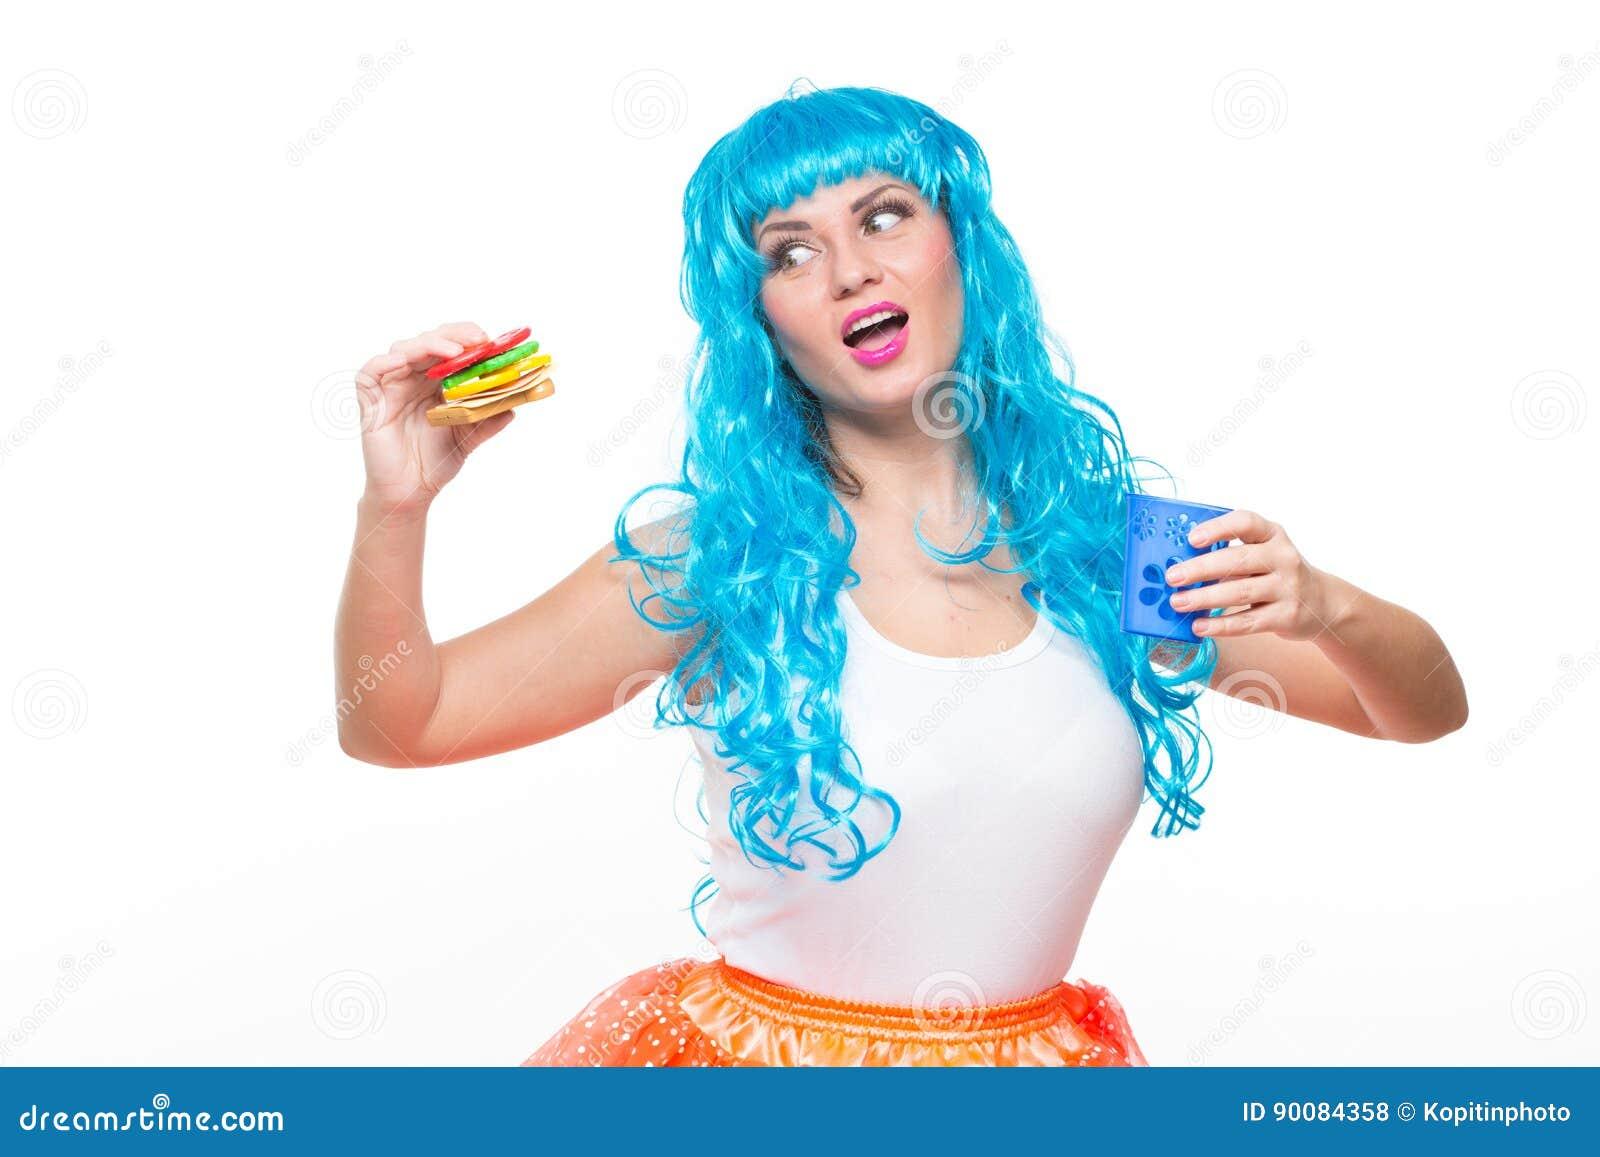 Jonge meisjespop met blauw haar plastiek die een sandwich eten honger